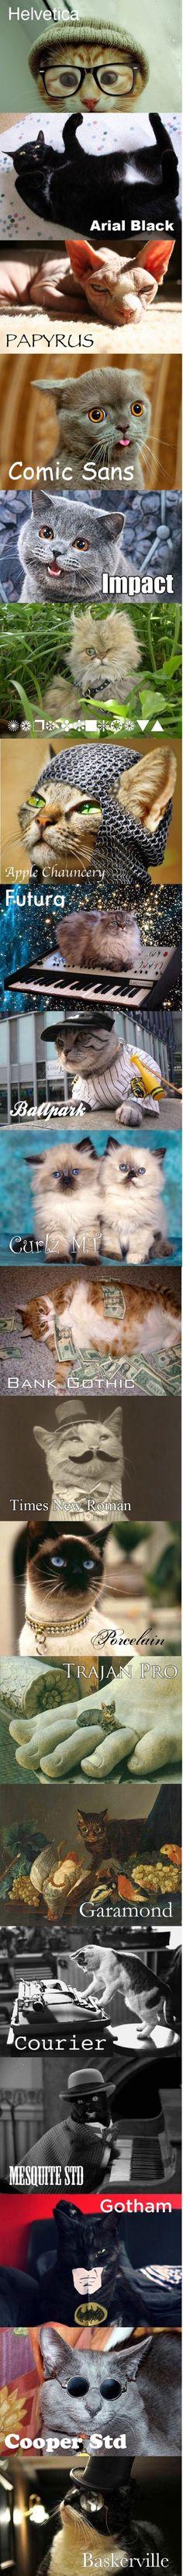 Katzen Schriftarten - Fun Bilder | Webfail - Fail Bilder und Fail Videos